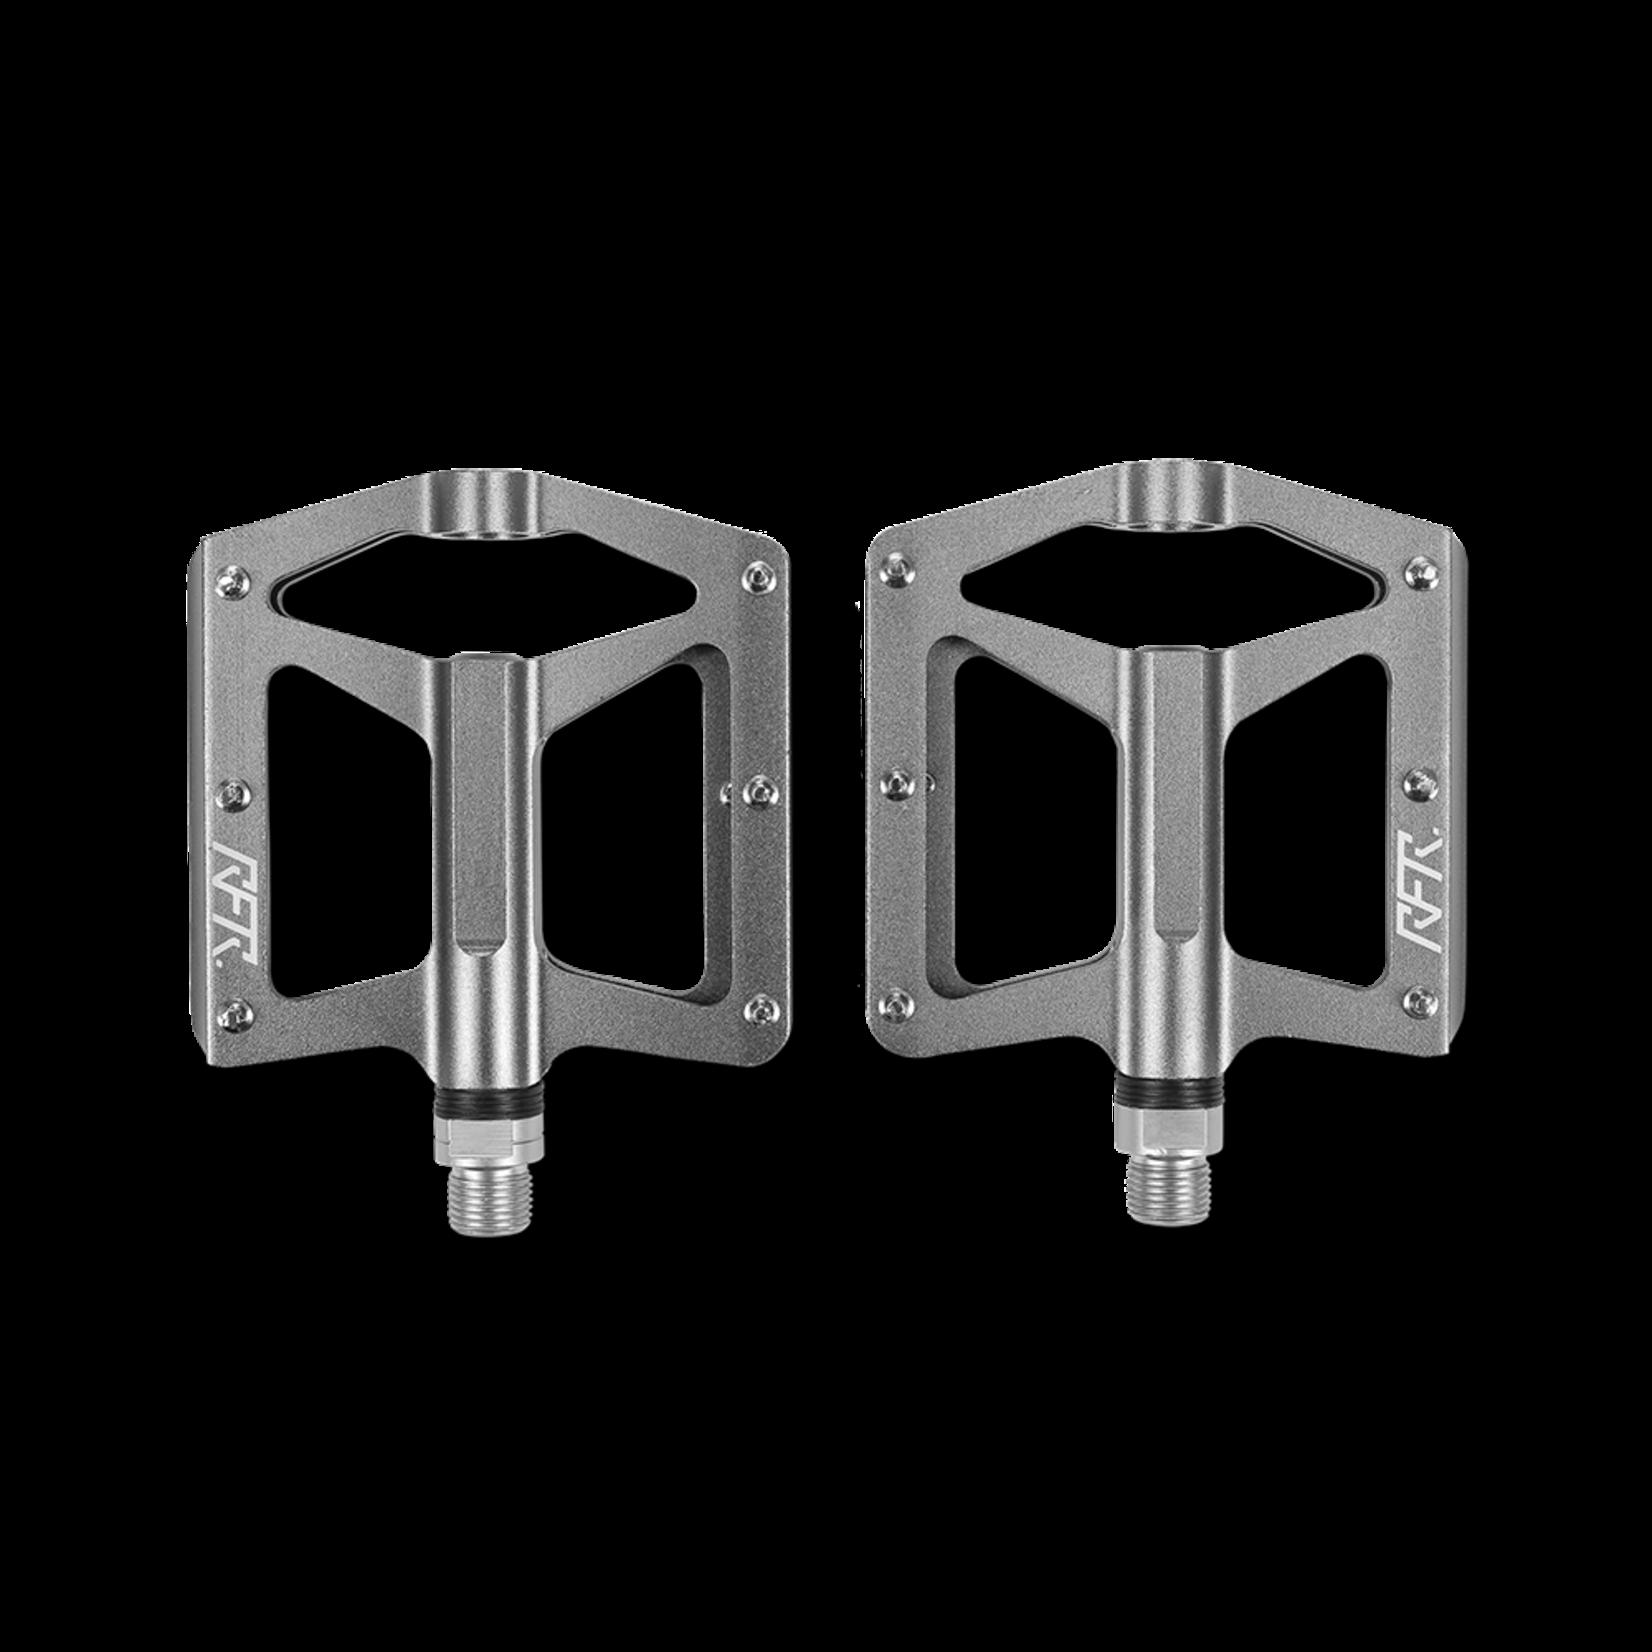 RFR RFR pedali FLAT RACE 2.0 - grey